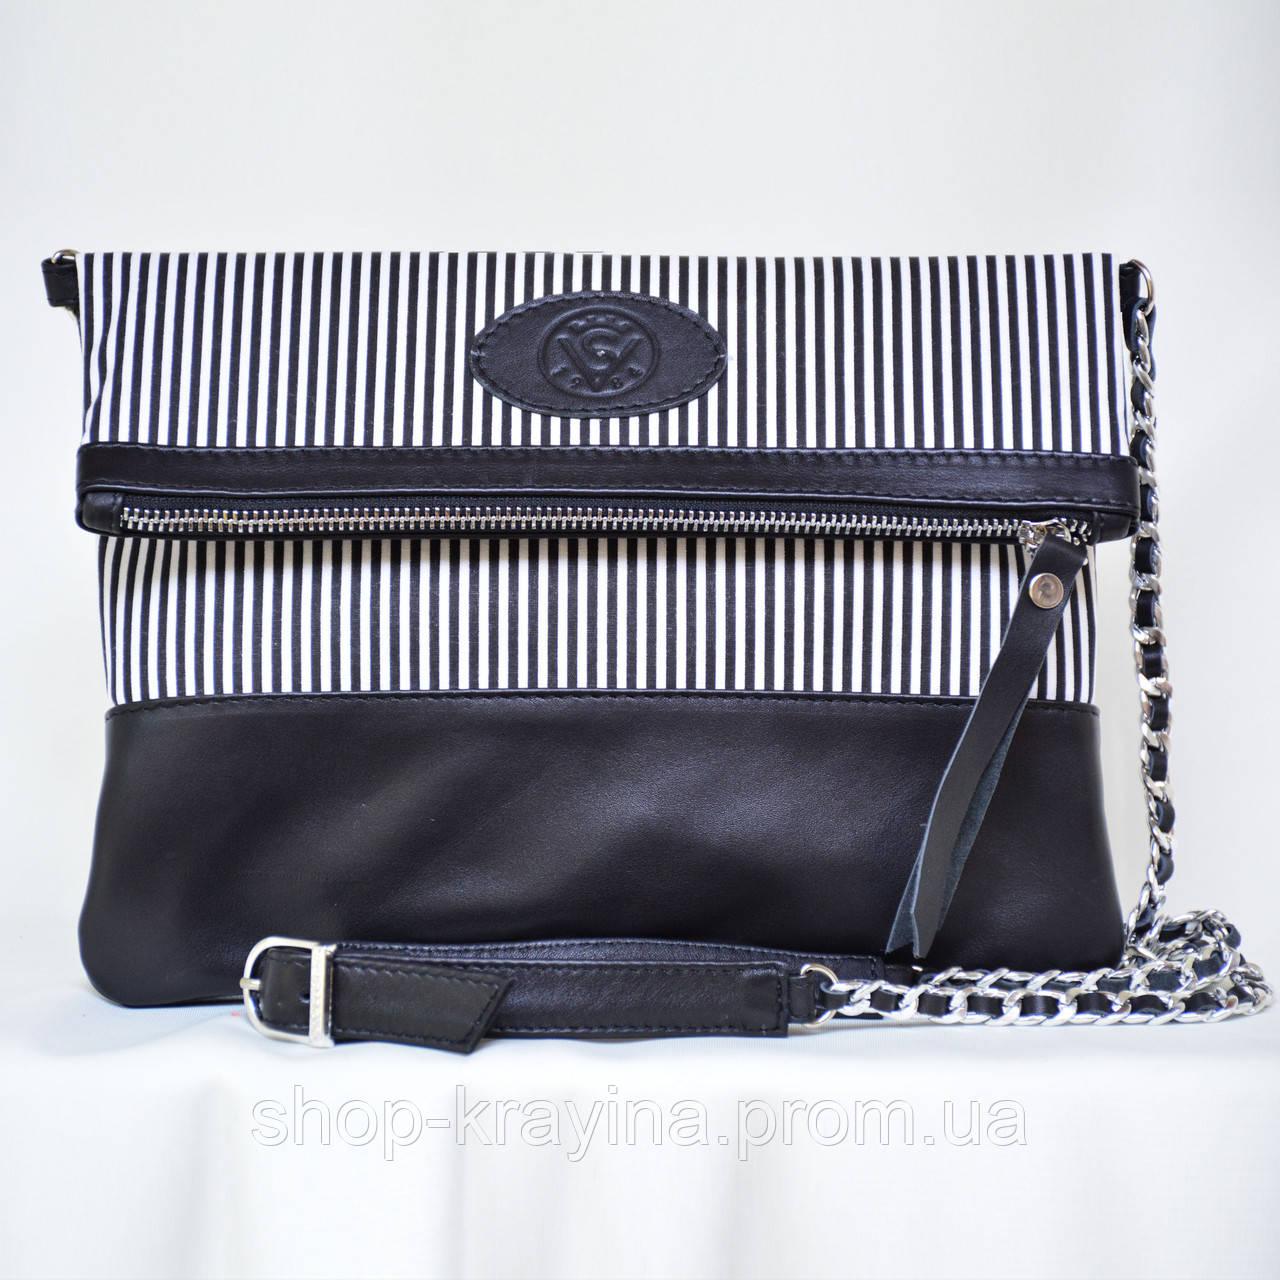 Кожаный клатч VS131 zebra 28х20 см